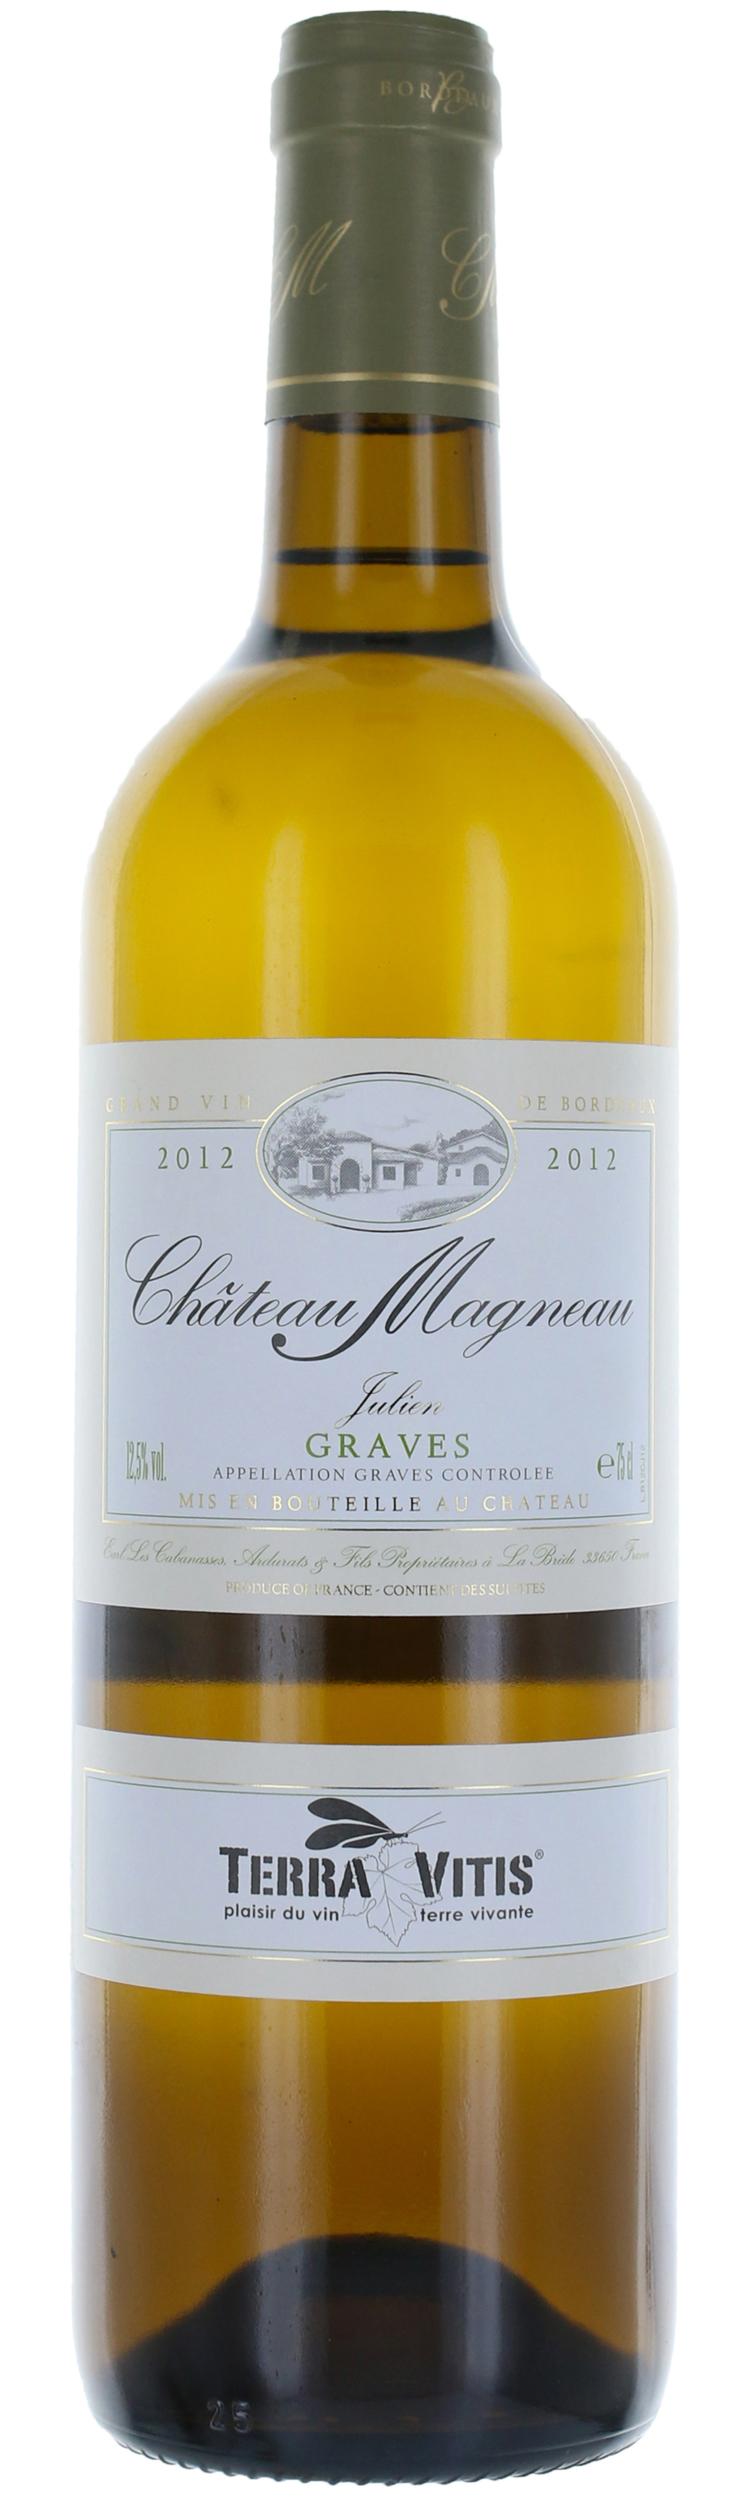 Graves Blanc - Cuvée Julien  - Château Magneau - 2018